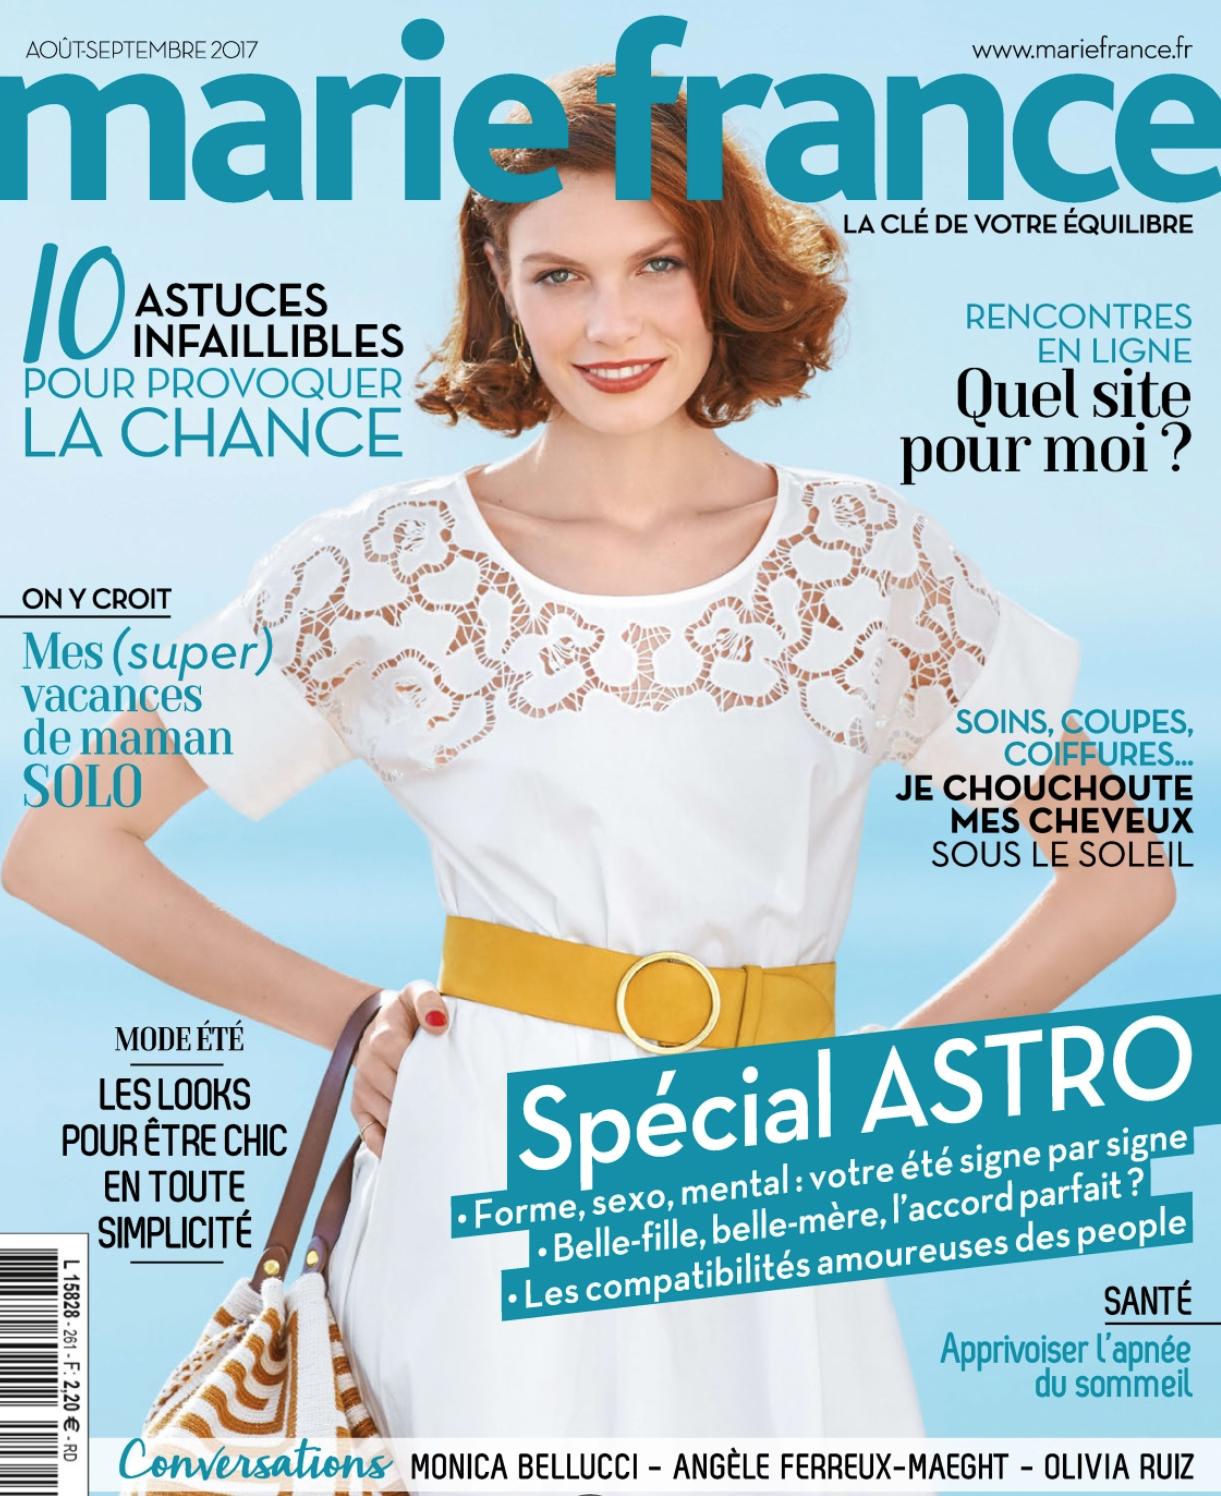 Marie France - Aout,Septembre 2017 - Couv .jpg